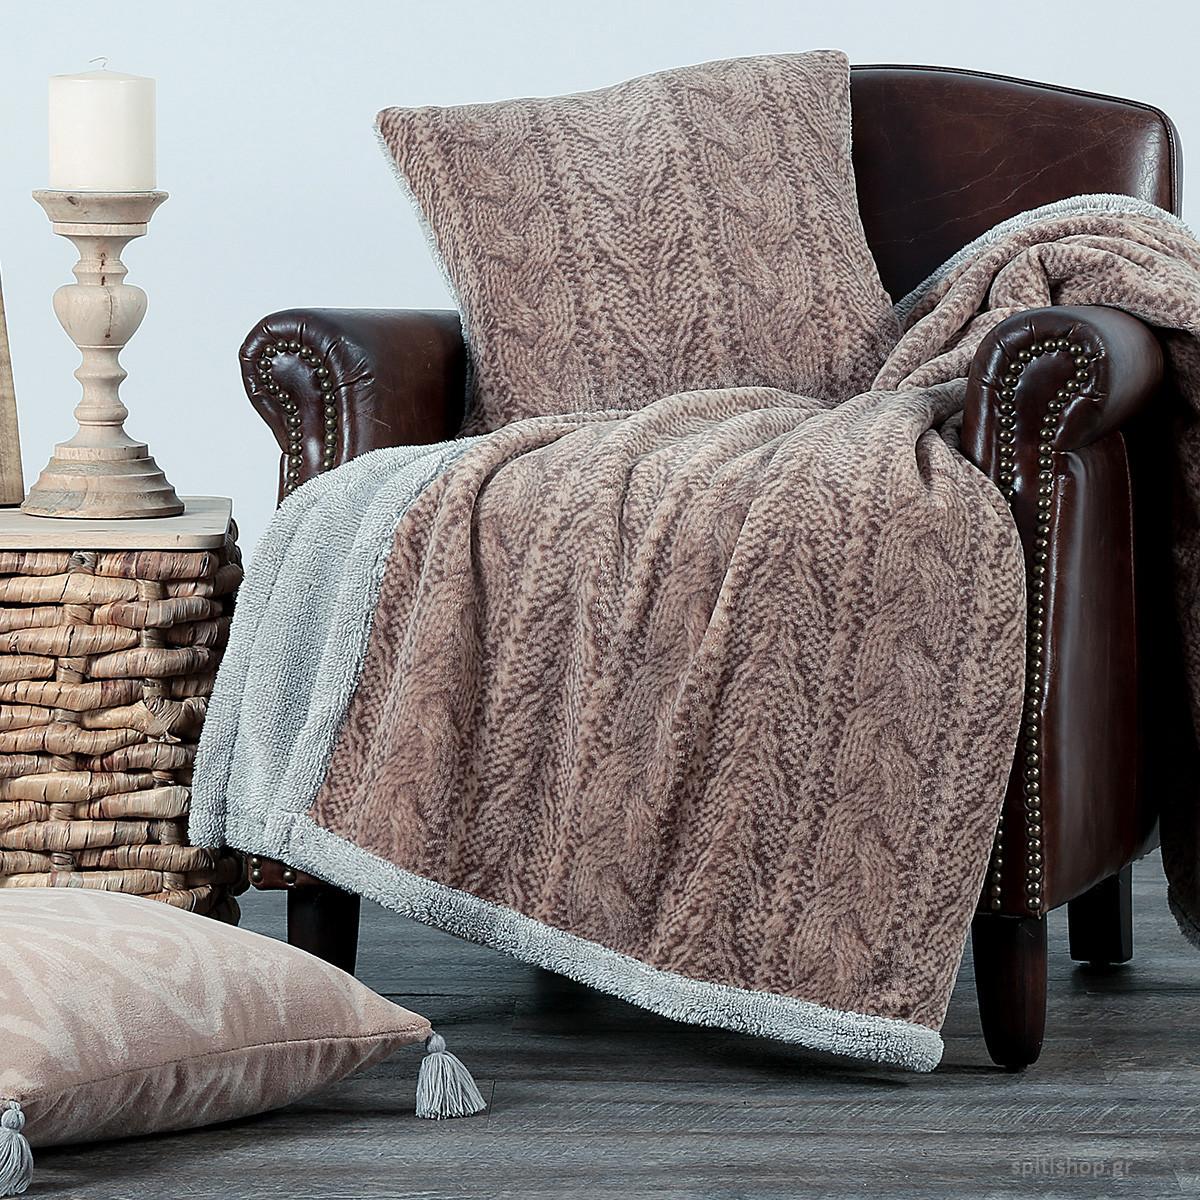 Κουβέρτα Καναπέ Nef-Nef Knitty Beige